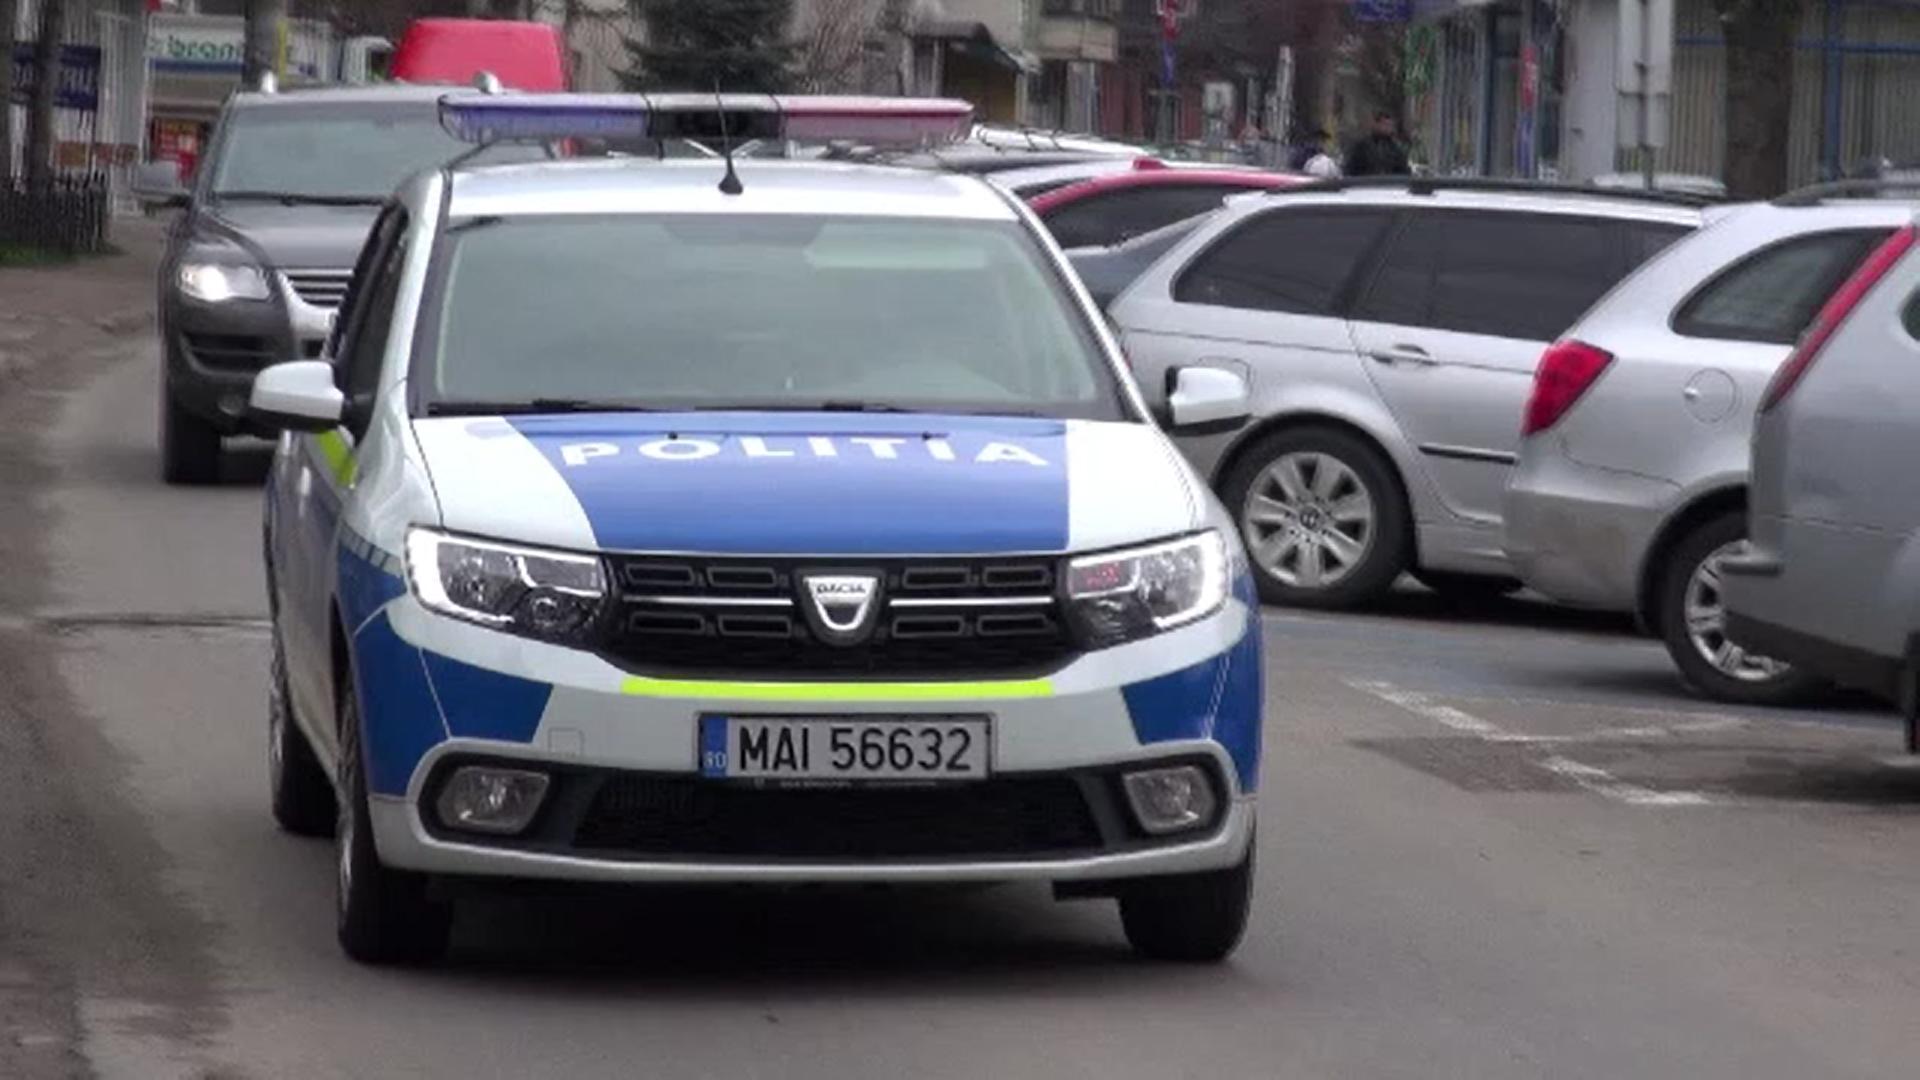 Poveste înfiorătoare în Neamț. O femeie a fost arestată pentru că și-ar fi abuzat copiii